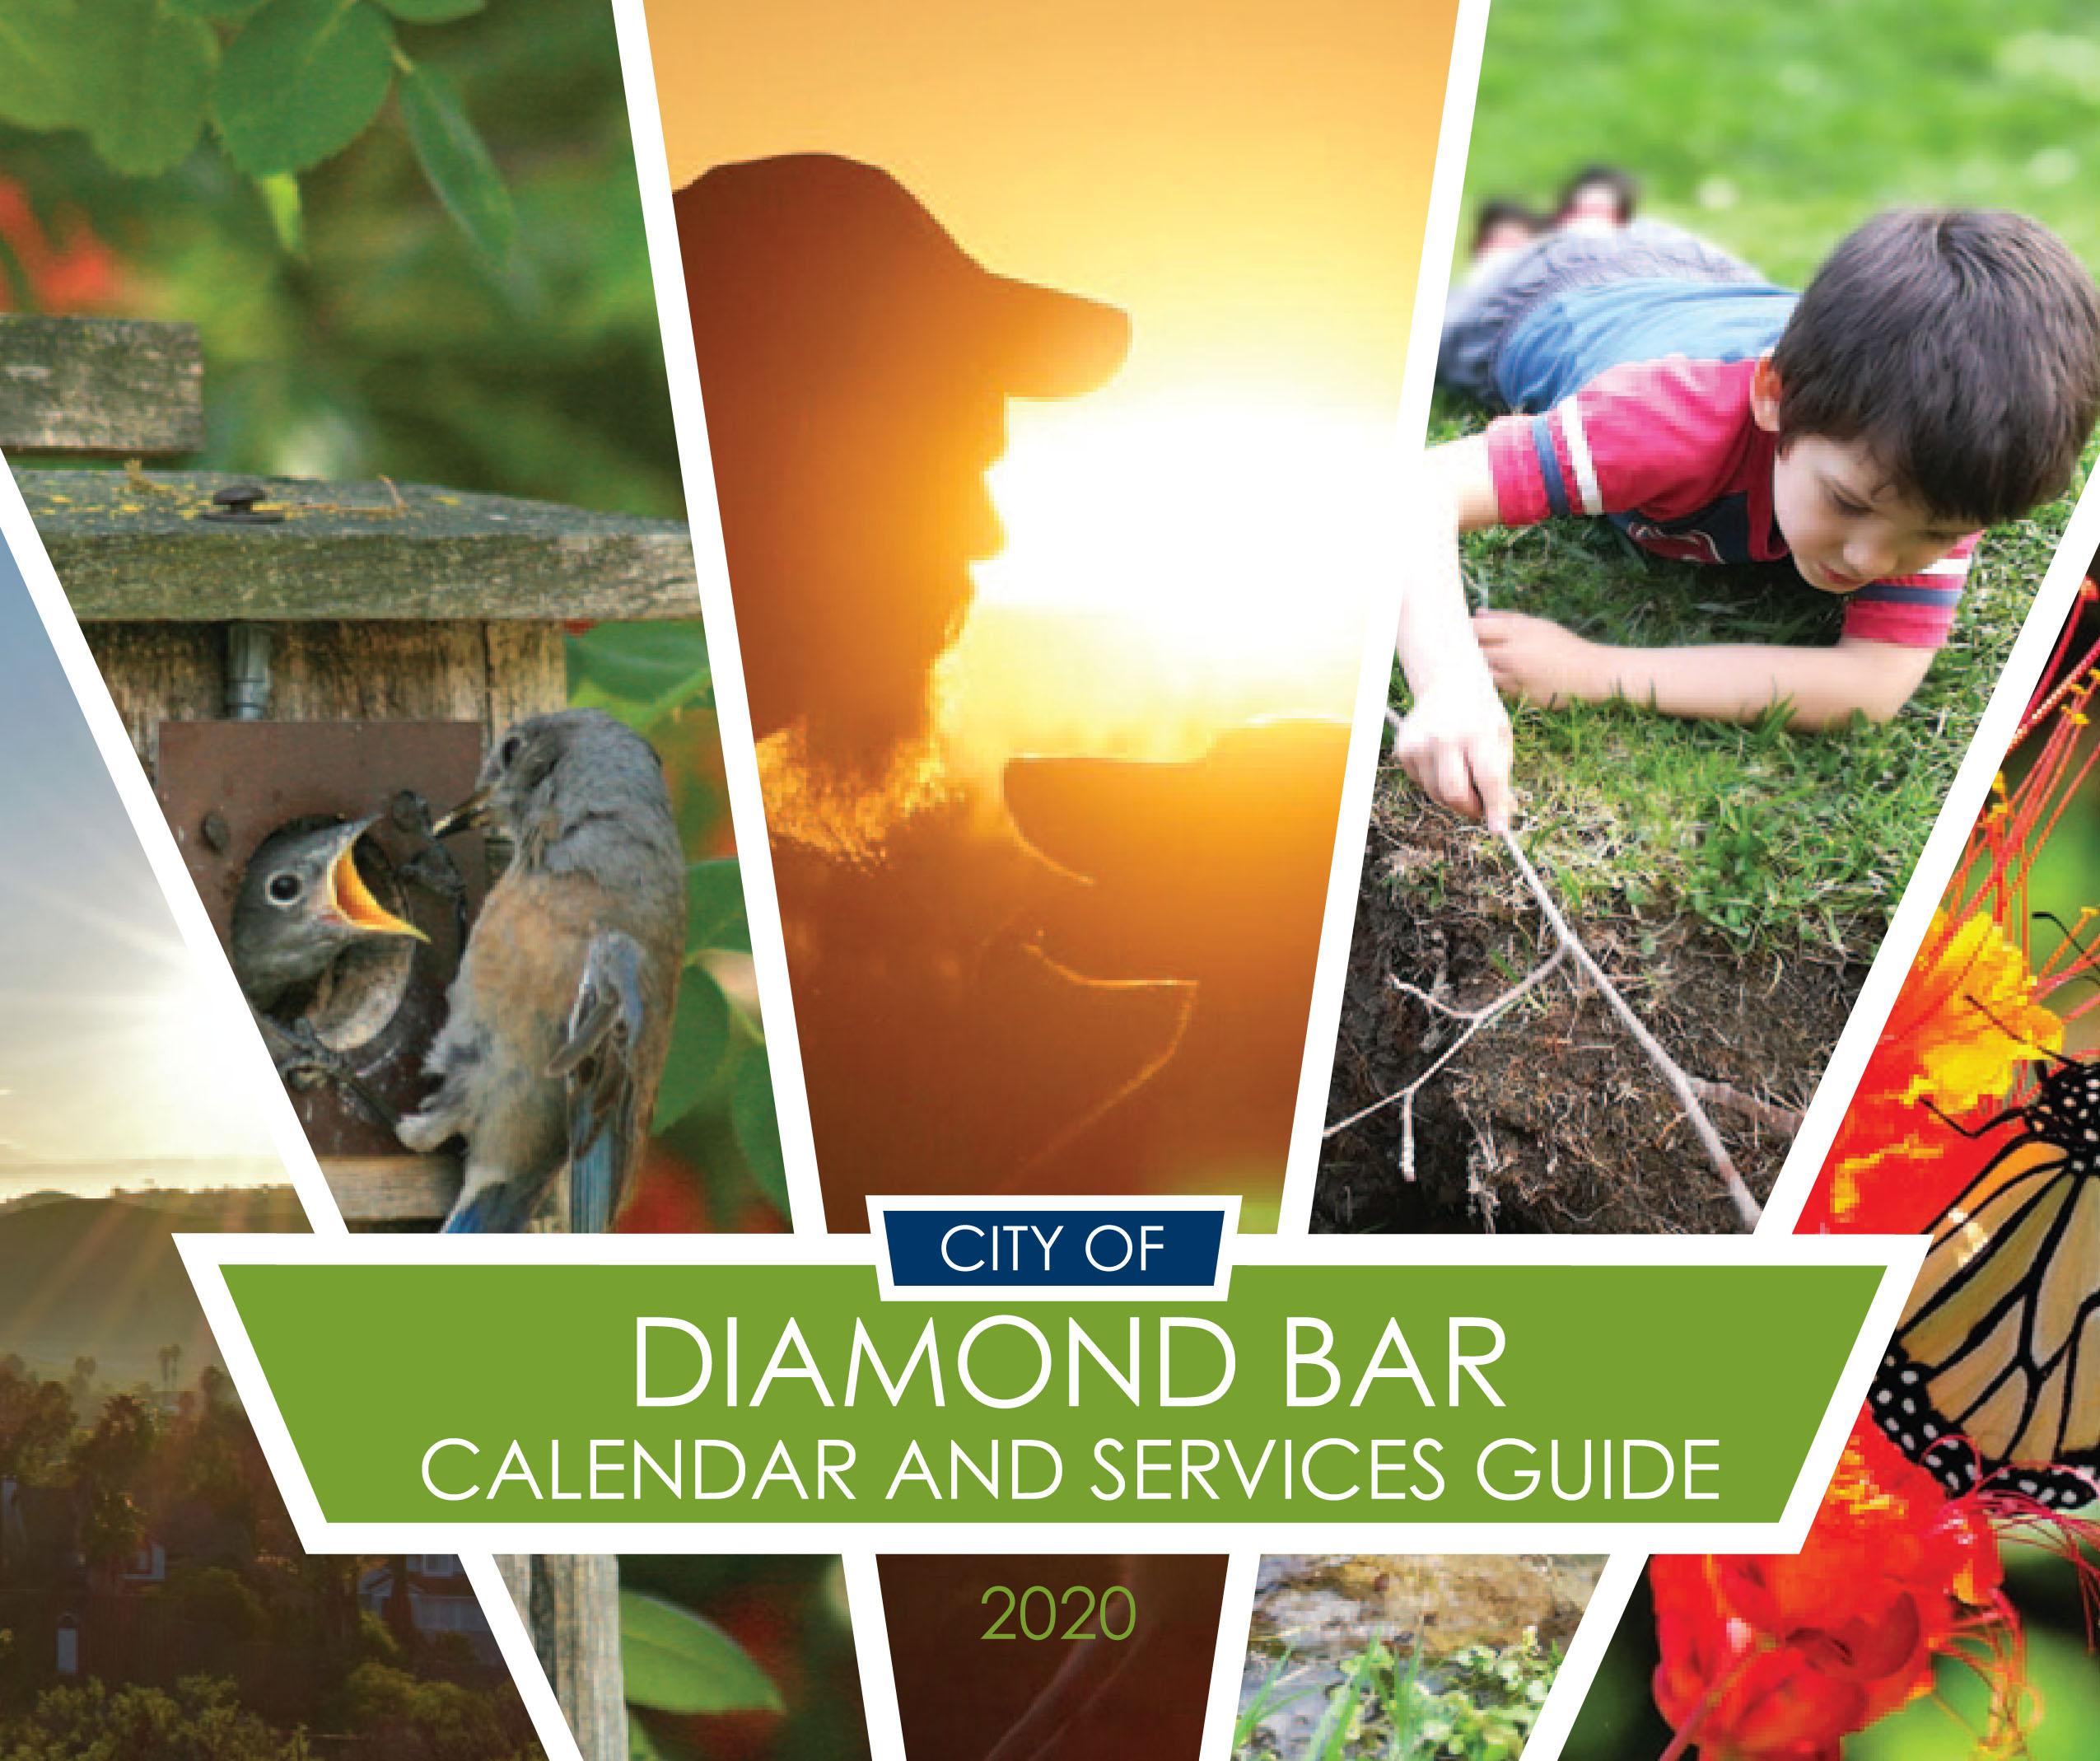 DB 2020 calendar